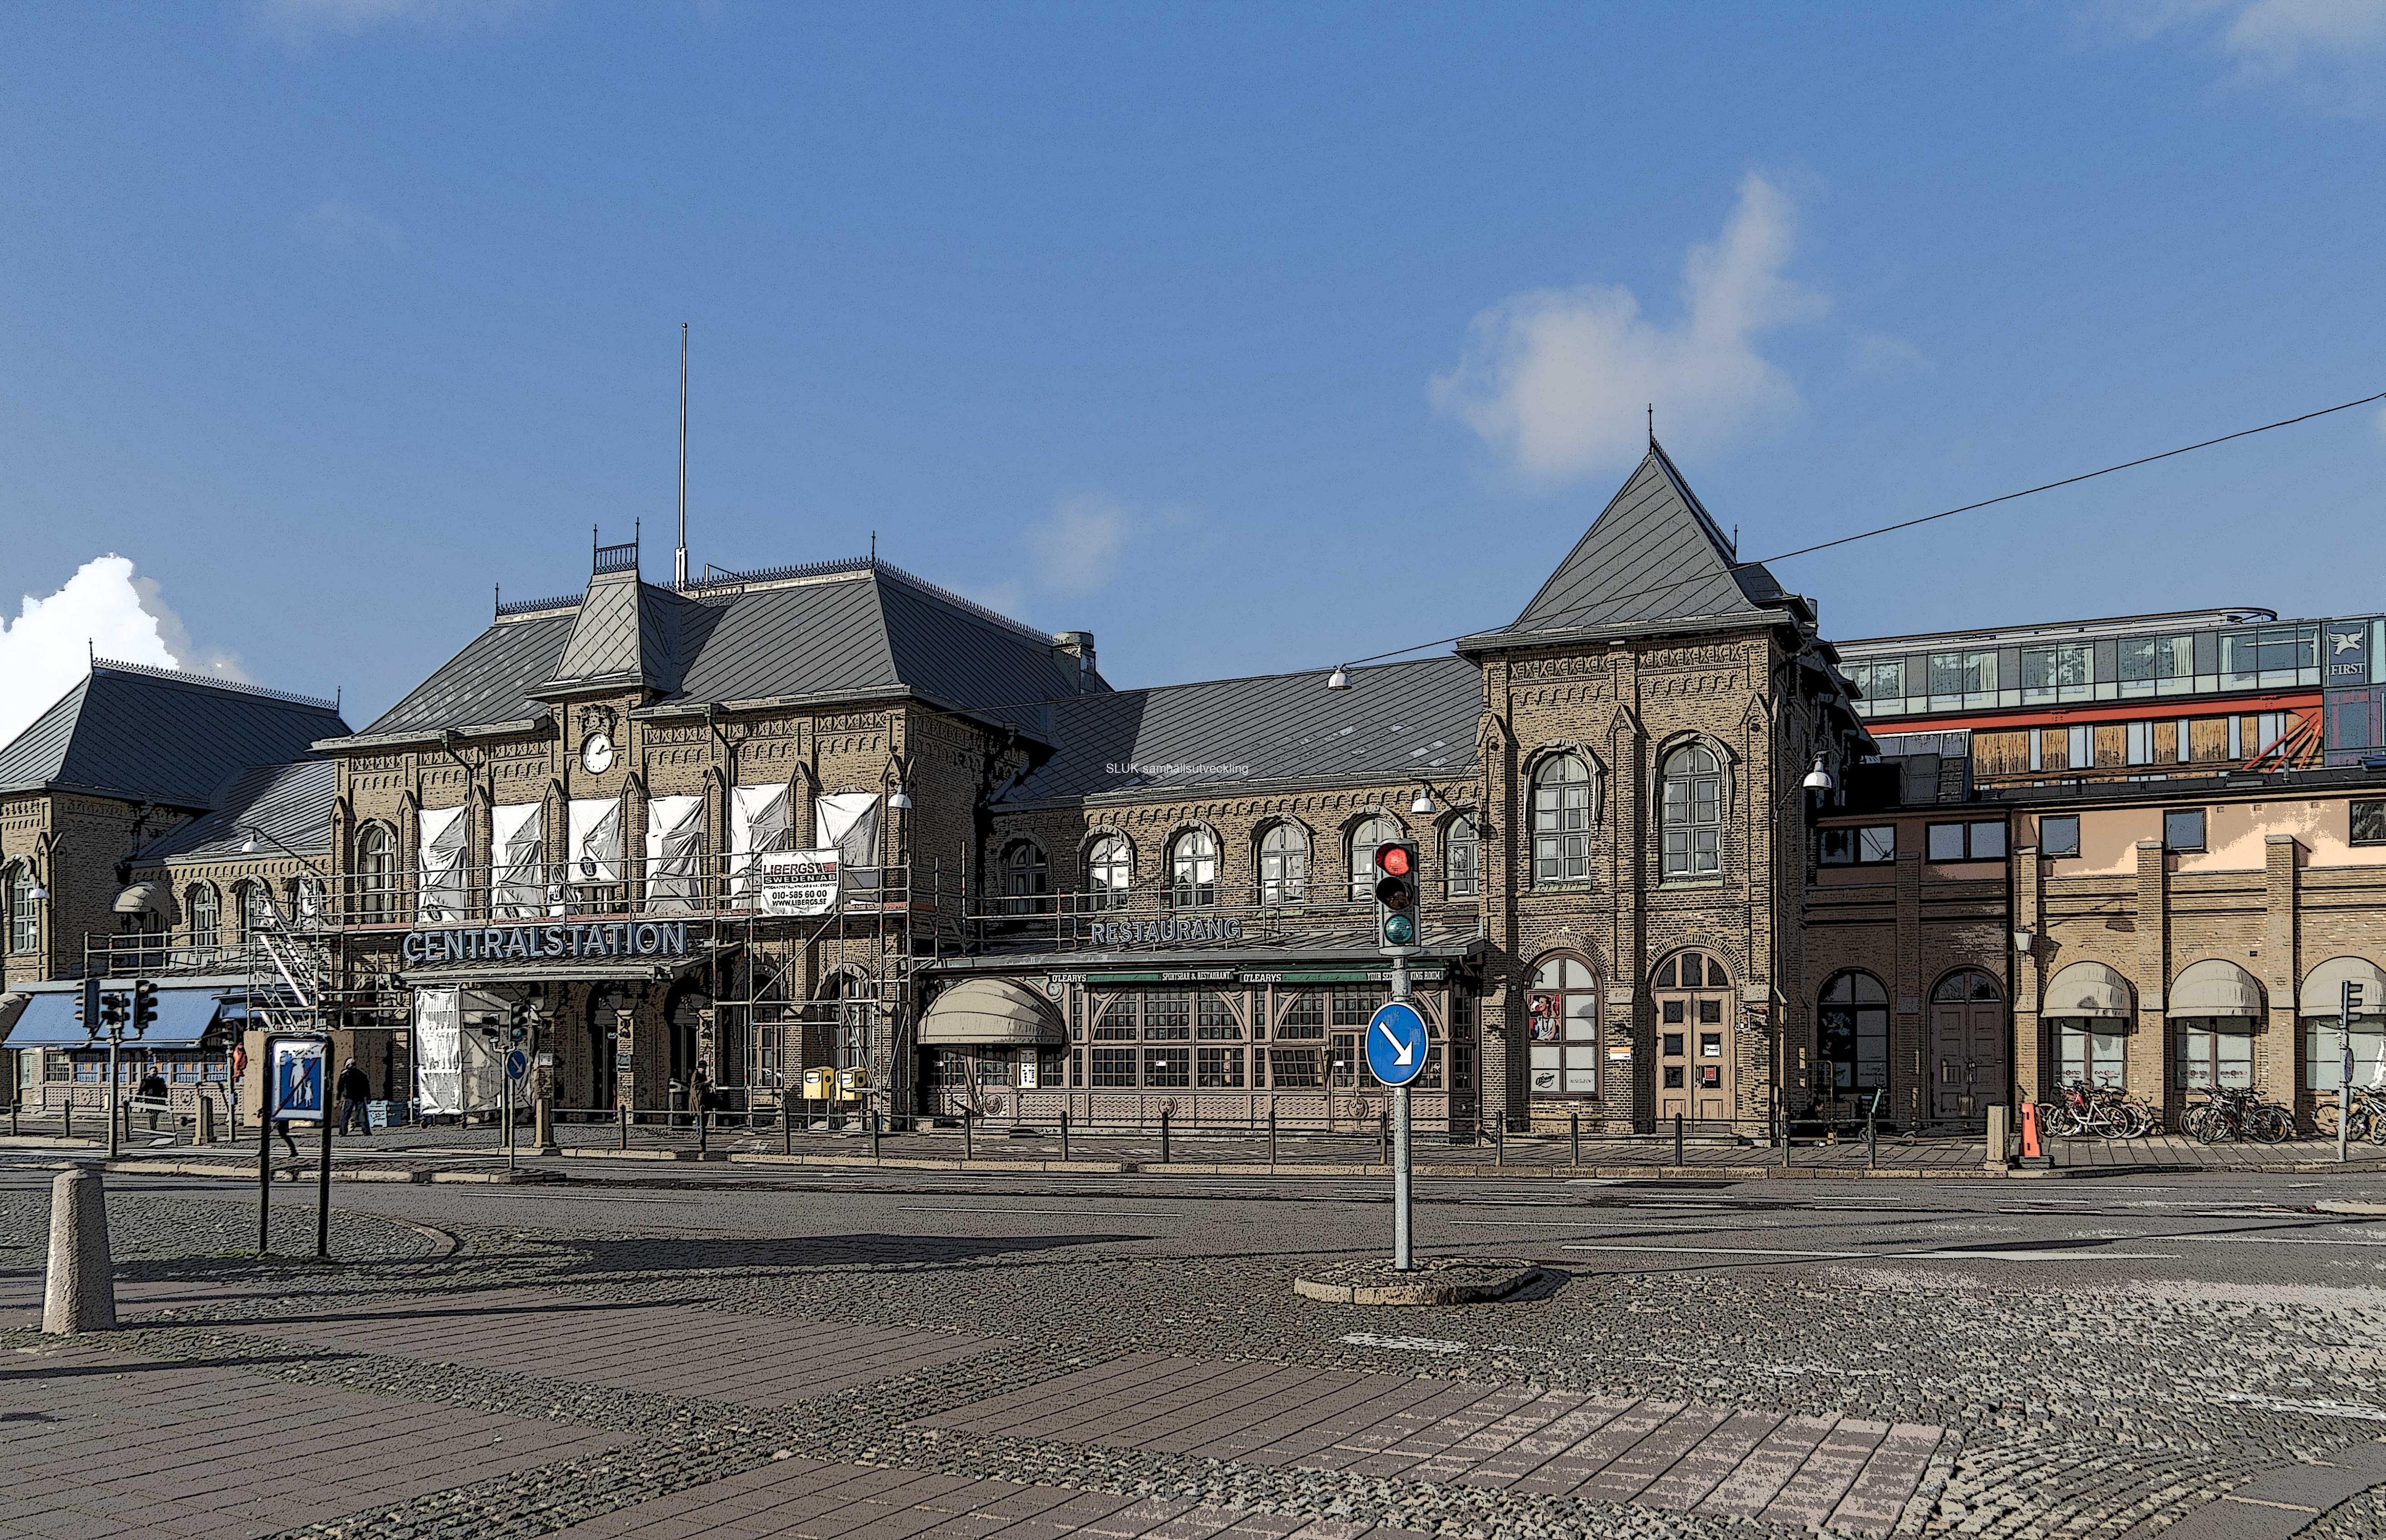 Göteborgs centralstation är byggnadsminnesförklarat sedan 1 januari 2001. Stationens äldre del ingår i Göteborgs stads bevaringsprogram 1975 och 1987. Tidigare var stationen statligt byggnadsminne sedan 21 augusti 1986.